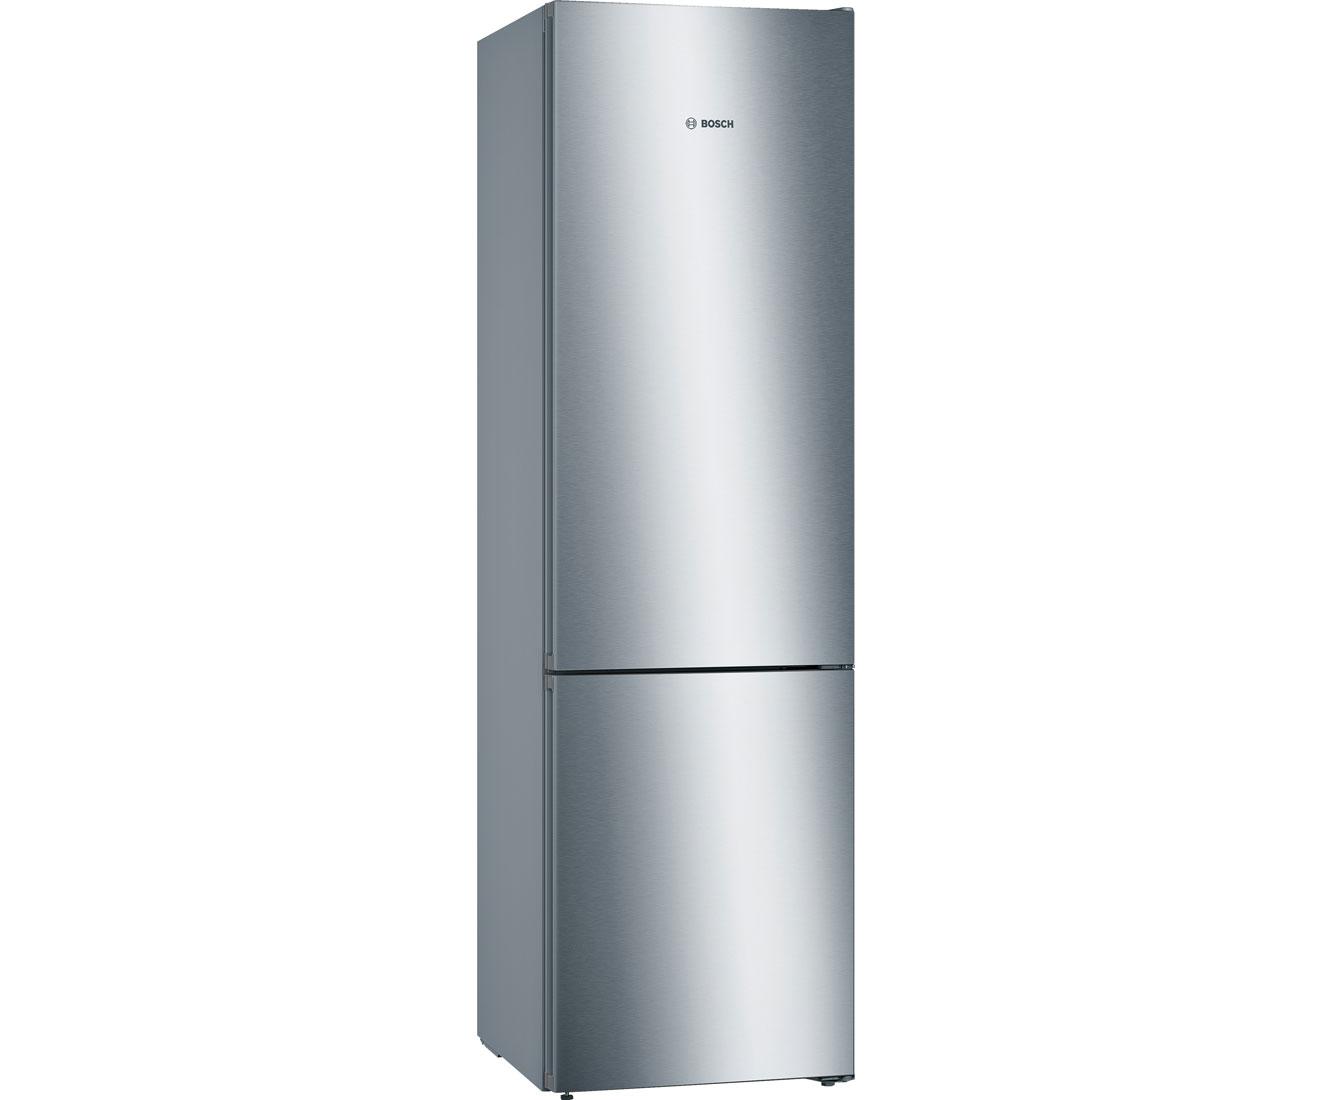 Bosch Kühlschrank 60 Jahre : Der erste kühlschrank von bosch u eine runde sache u bsh wiki